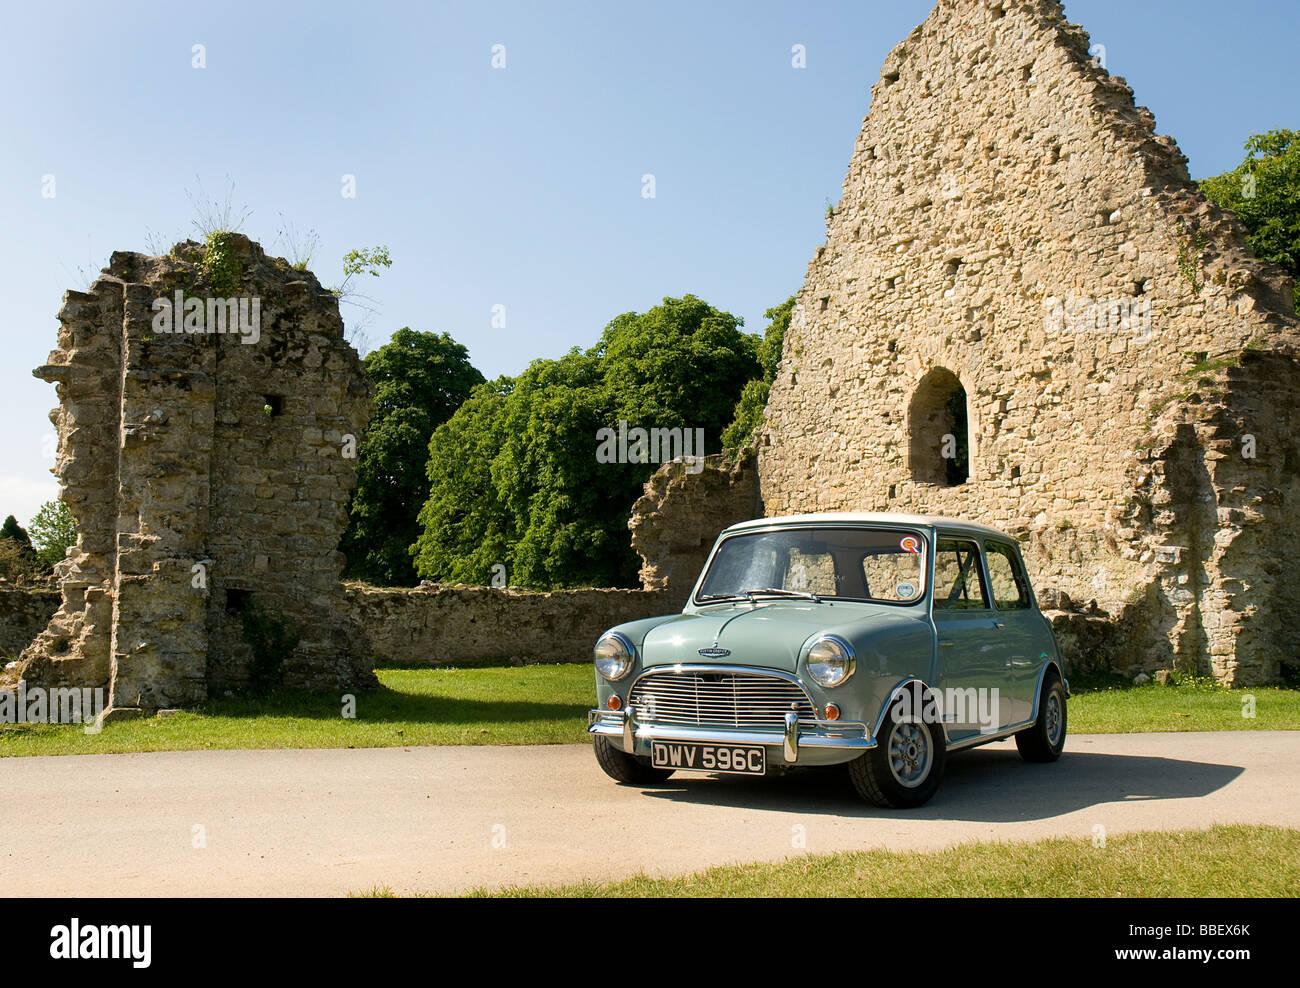 1965 Mini Cooper S Imagen De Stock